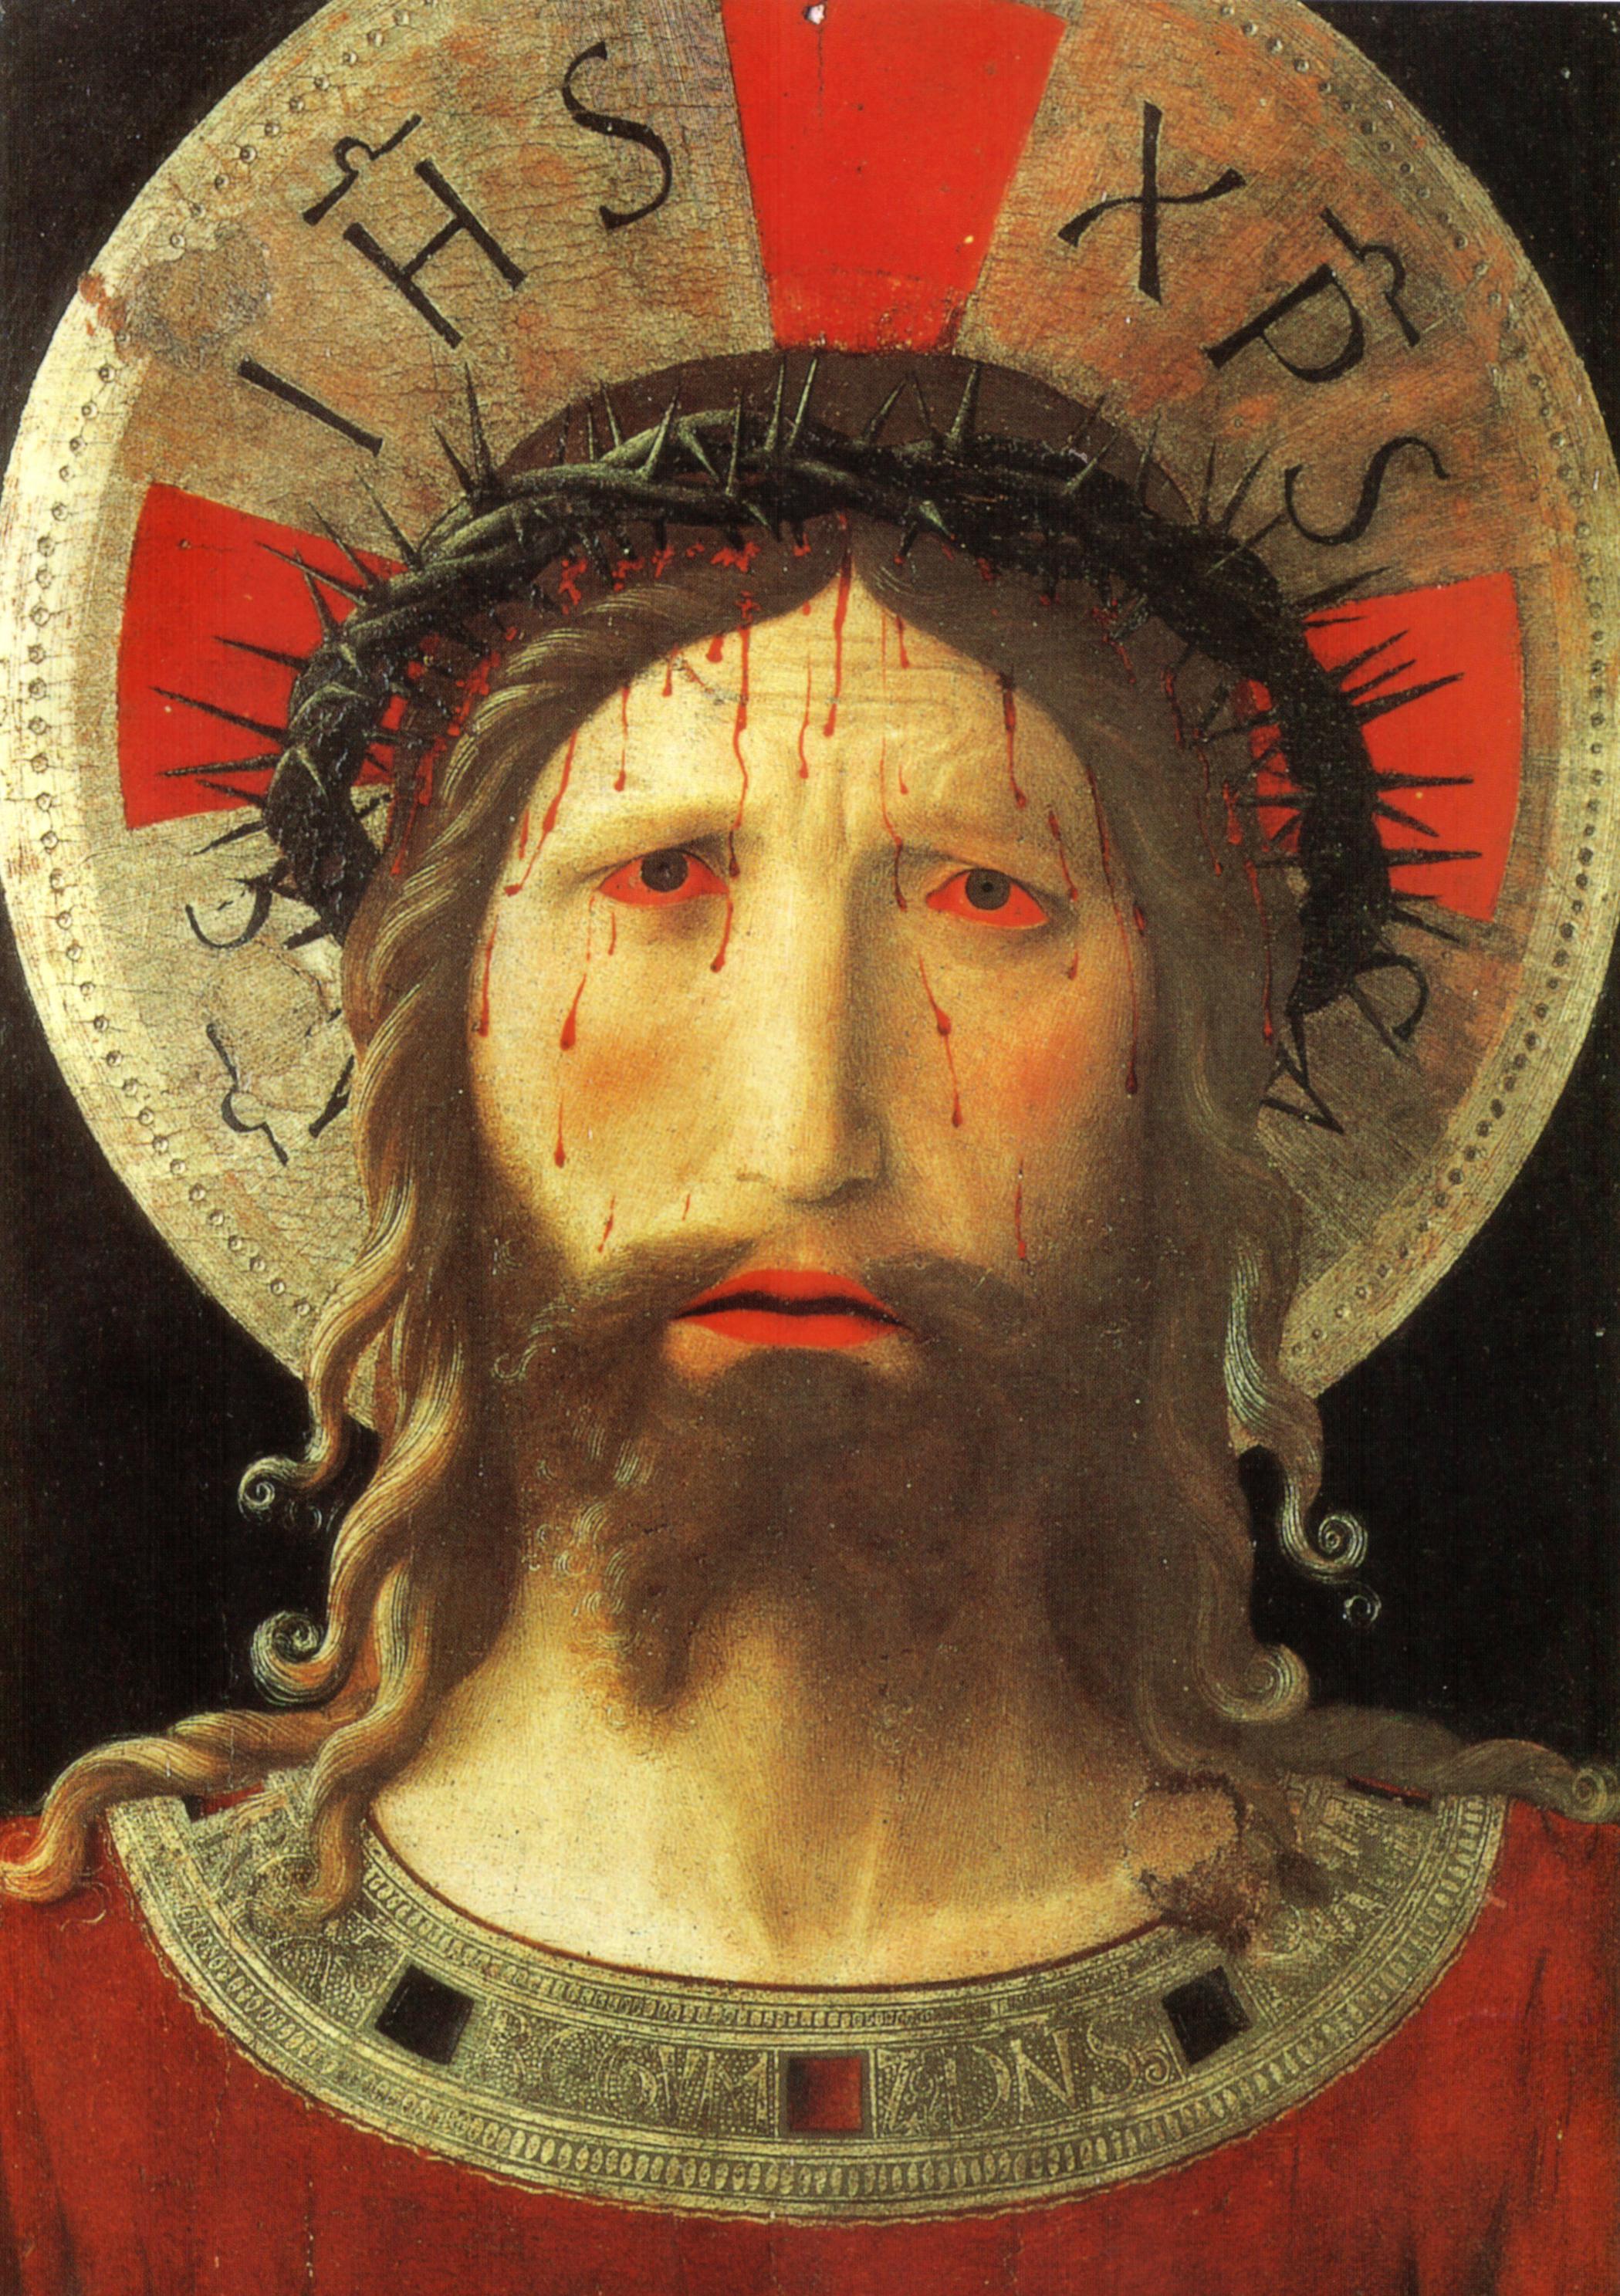 File:Beato angelico, Cristo coronato di spine, livorno ... | 2099 x 2975 jpeg 5927kB